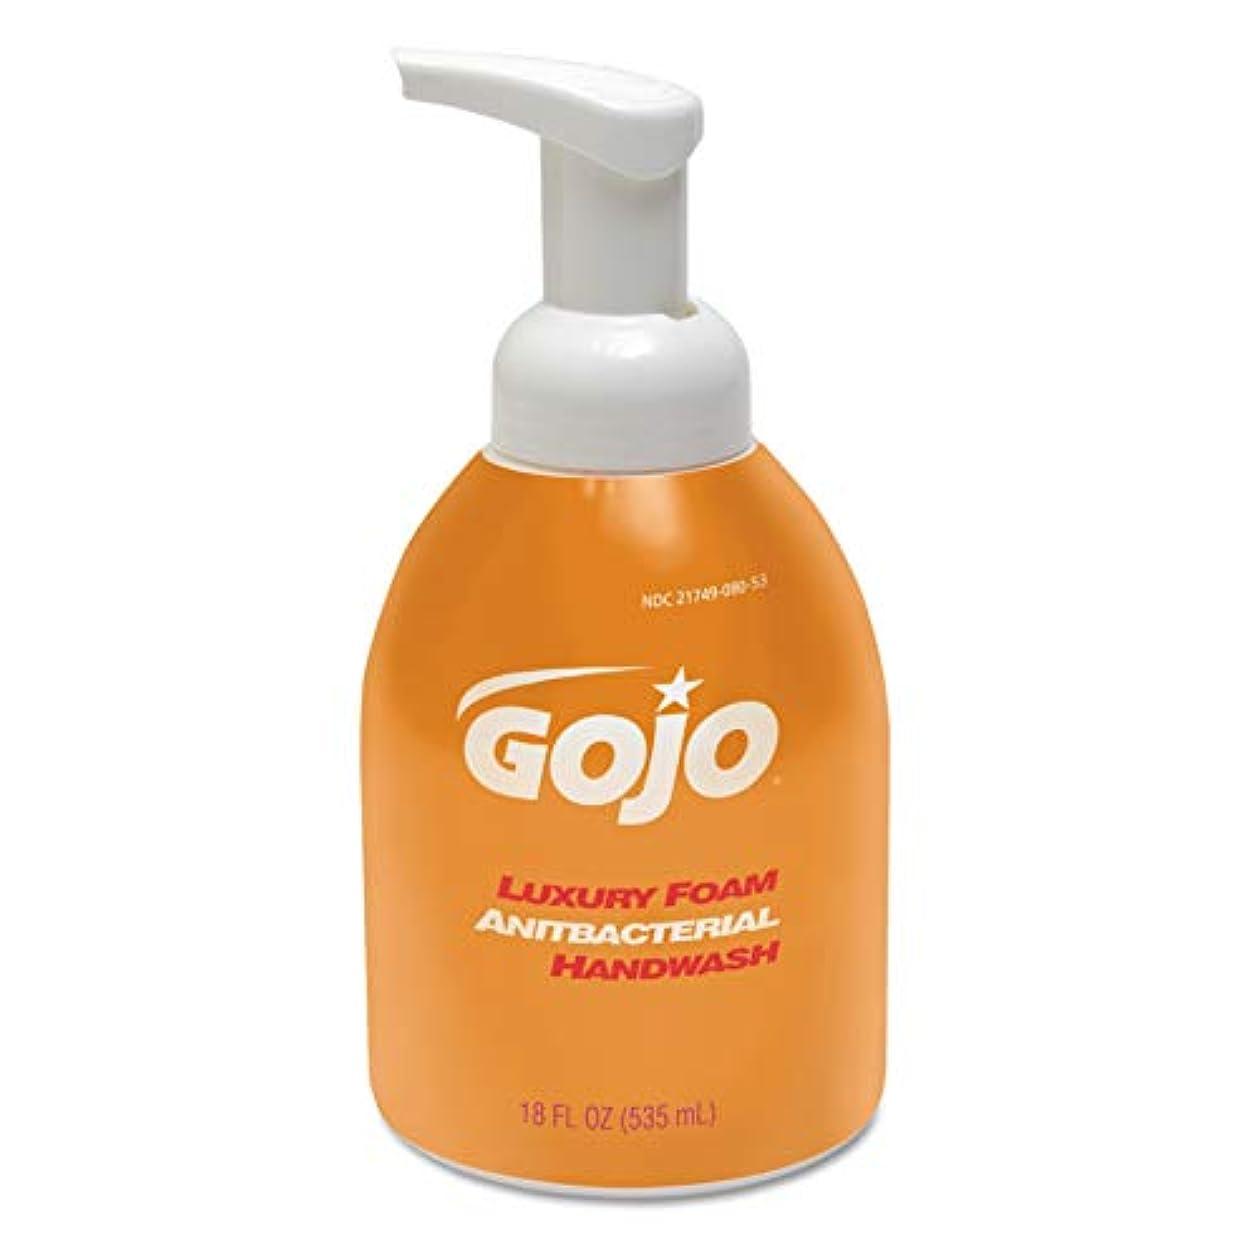 無視突然の失うLuxury Foam Antibacterial Handwash, Orange Blossom, 18 oz Pump (並行輸入品)